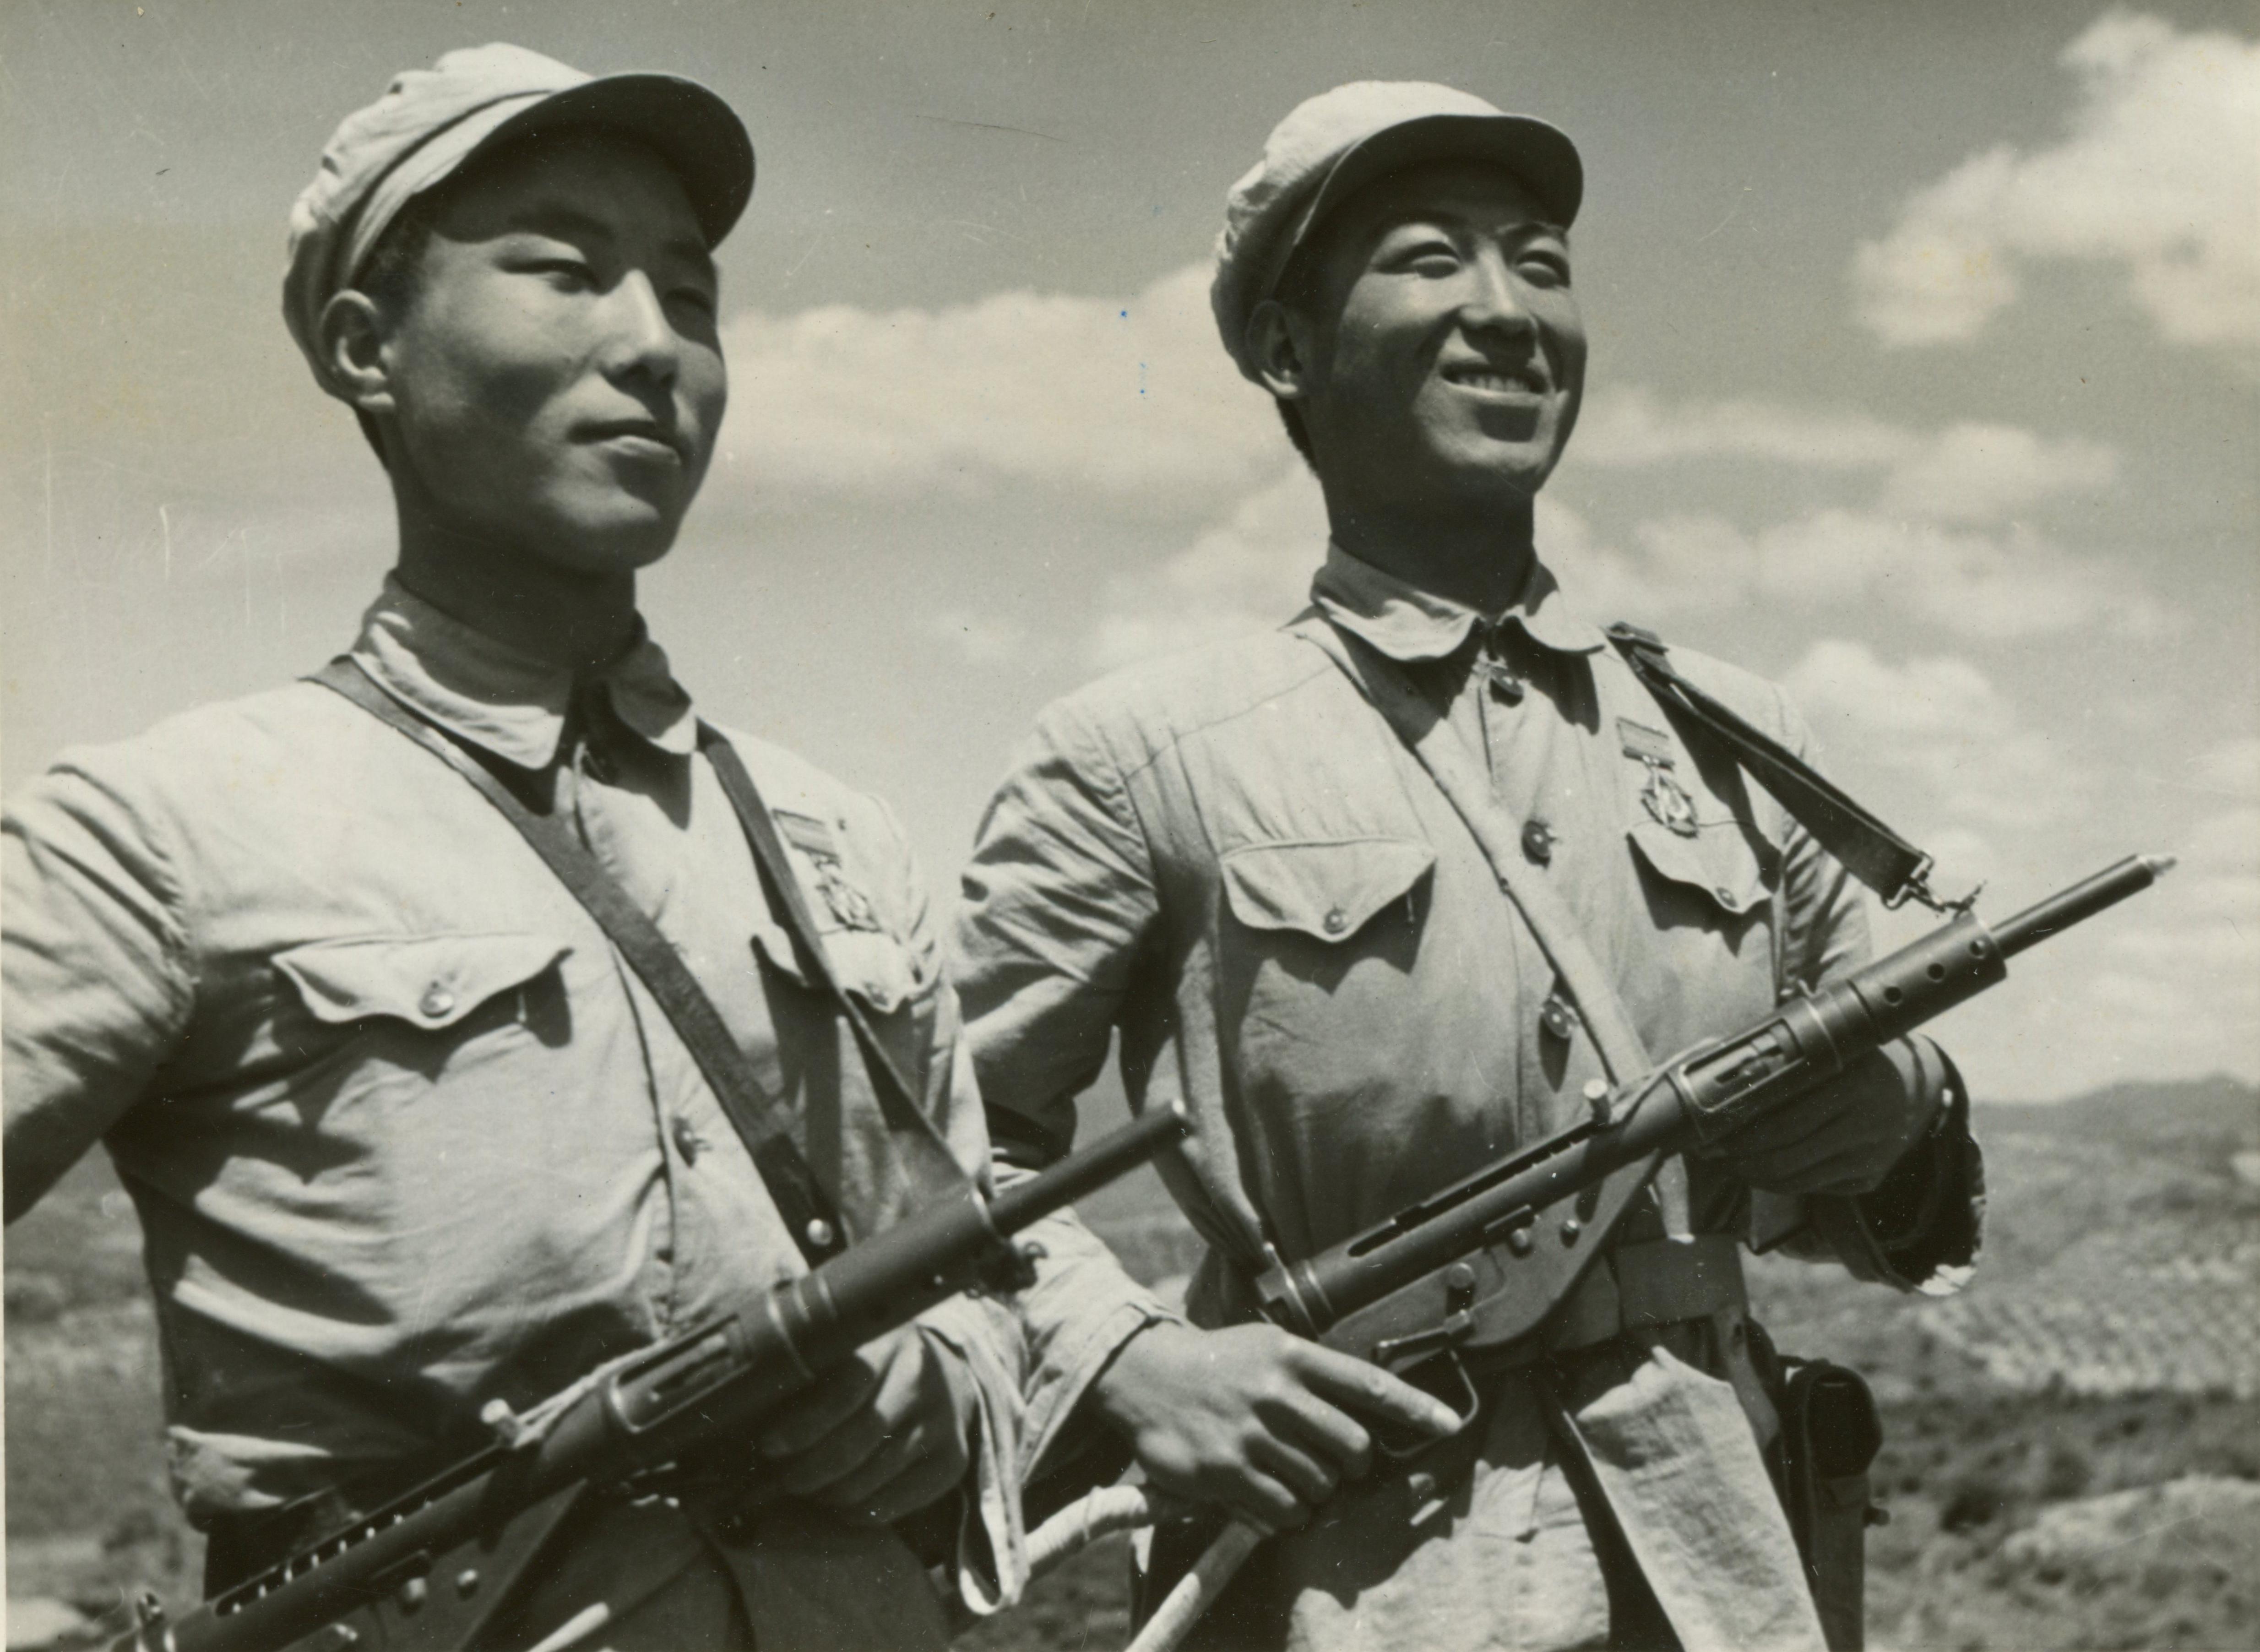 1952年06月26日,「抗美援朝紀念章」運到朝鮮,抗美援朝的志願軍戰士戴在身上。(資料圖片)